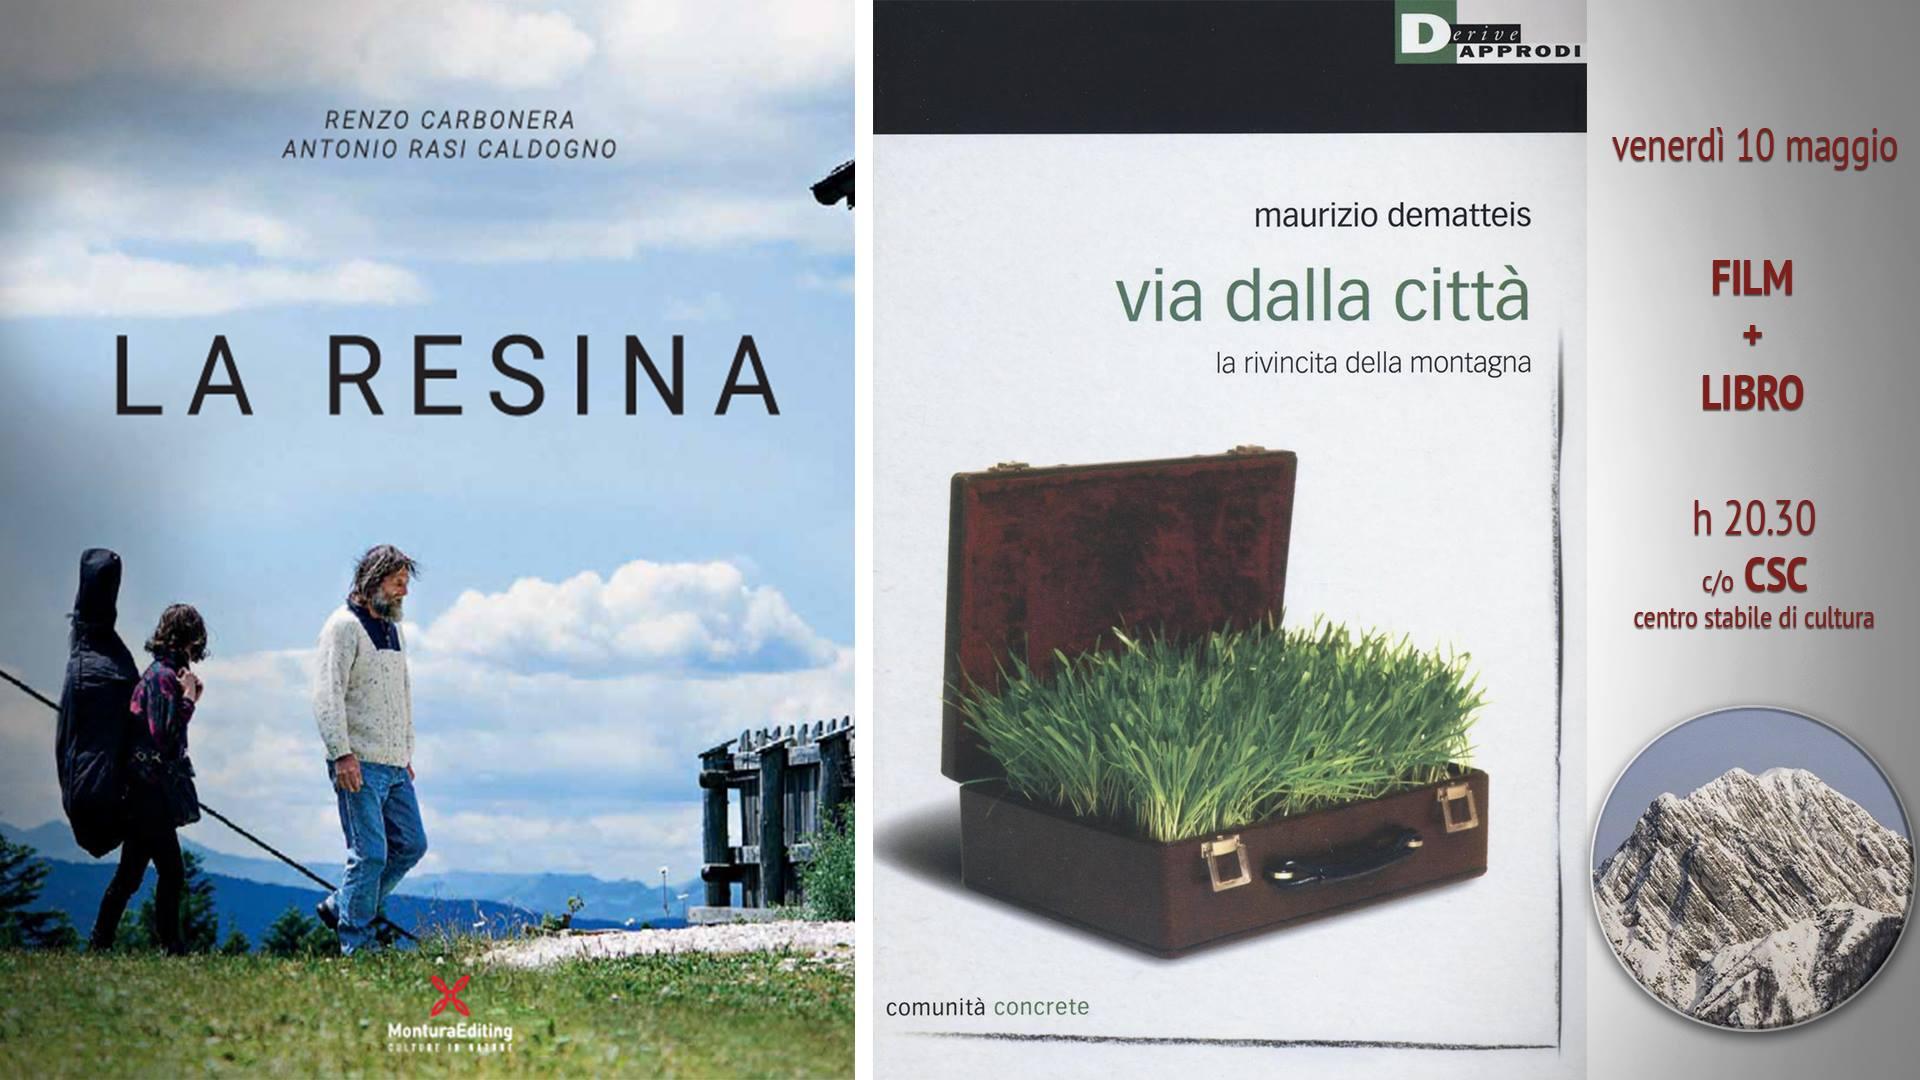 Film + Libro: terzo incontro con gli autori